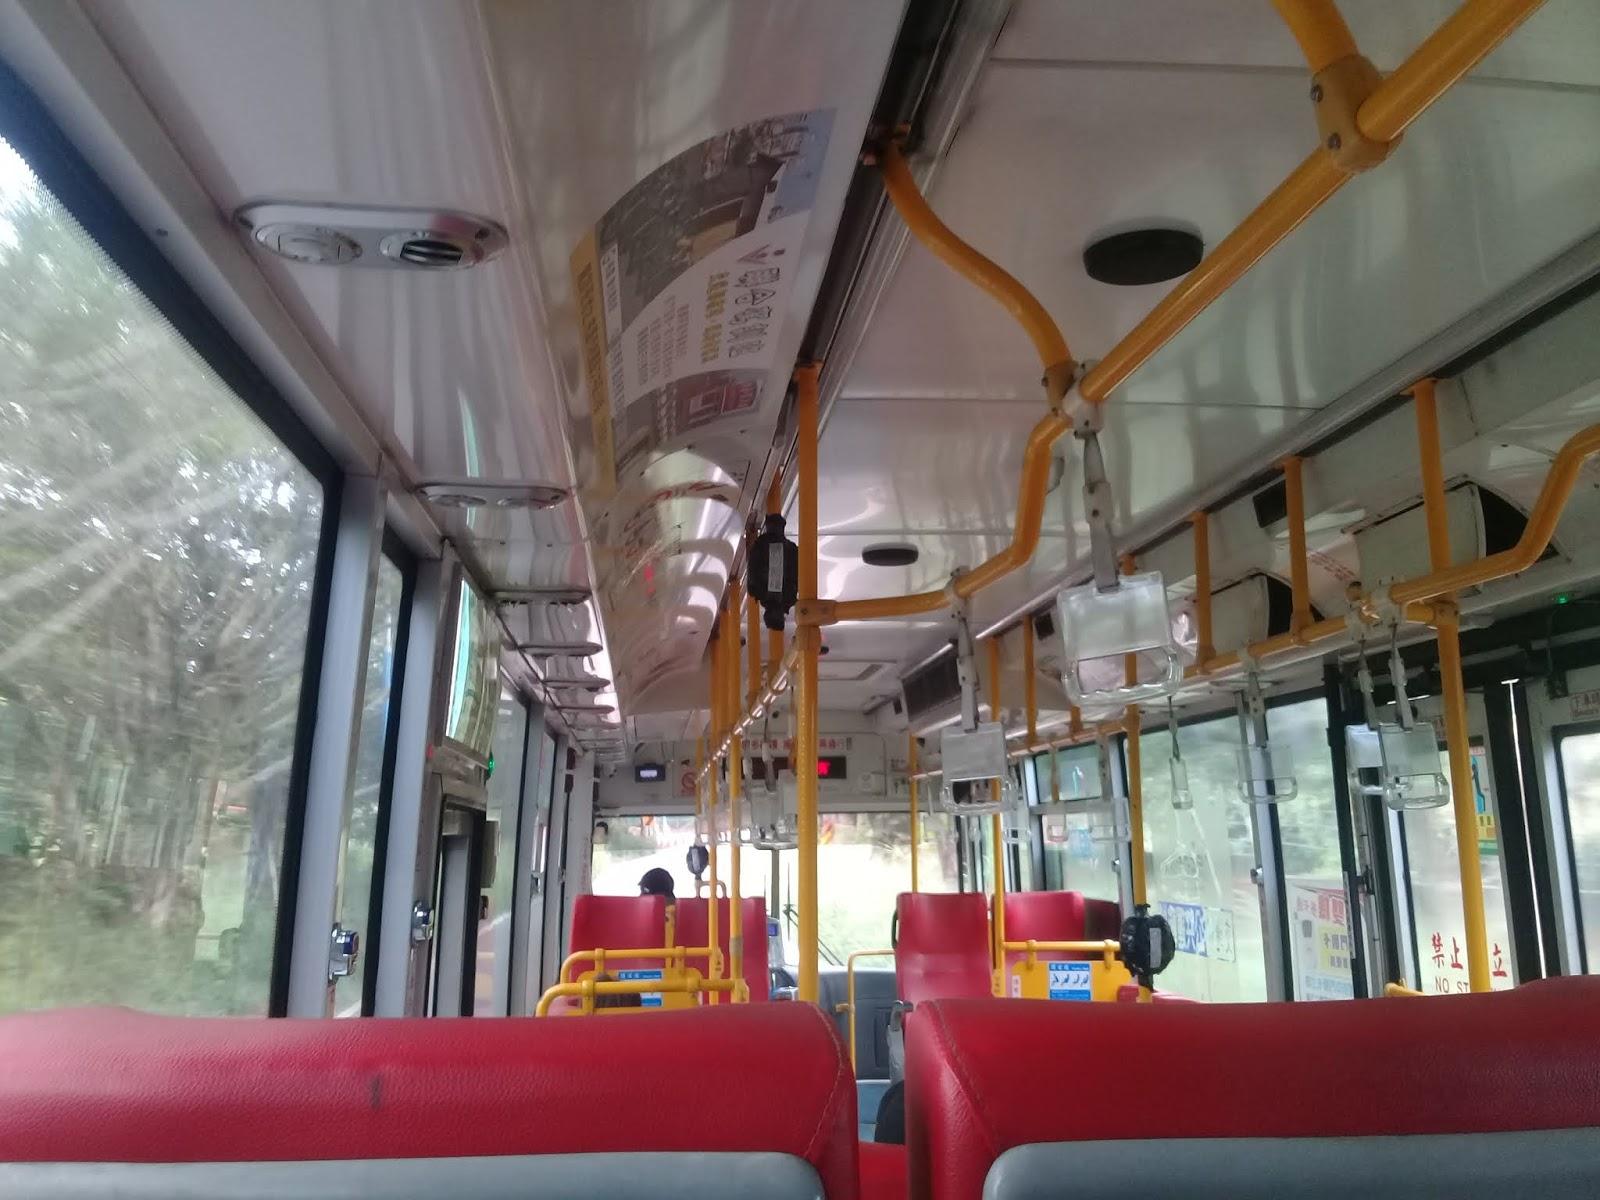 就是愛公車: 20200730 桃市213A 桃花園飯店-林口長庚 搭乘紀錄